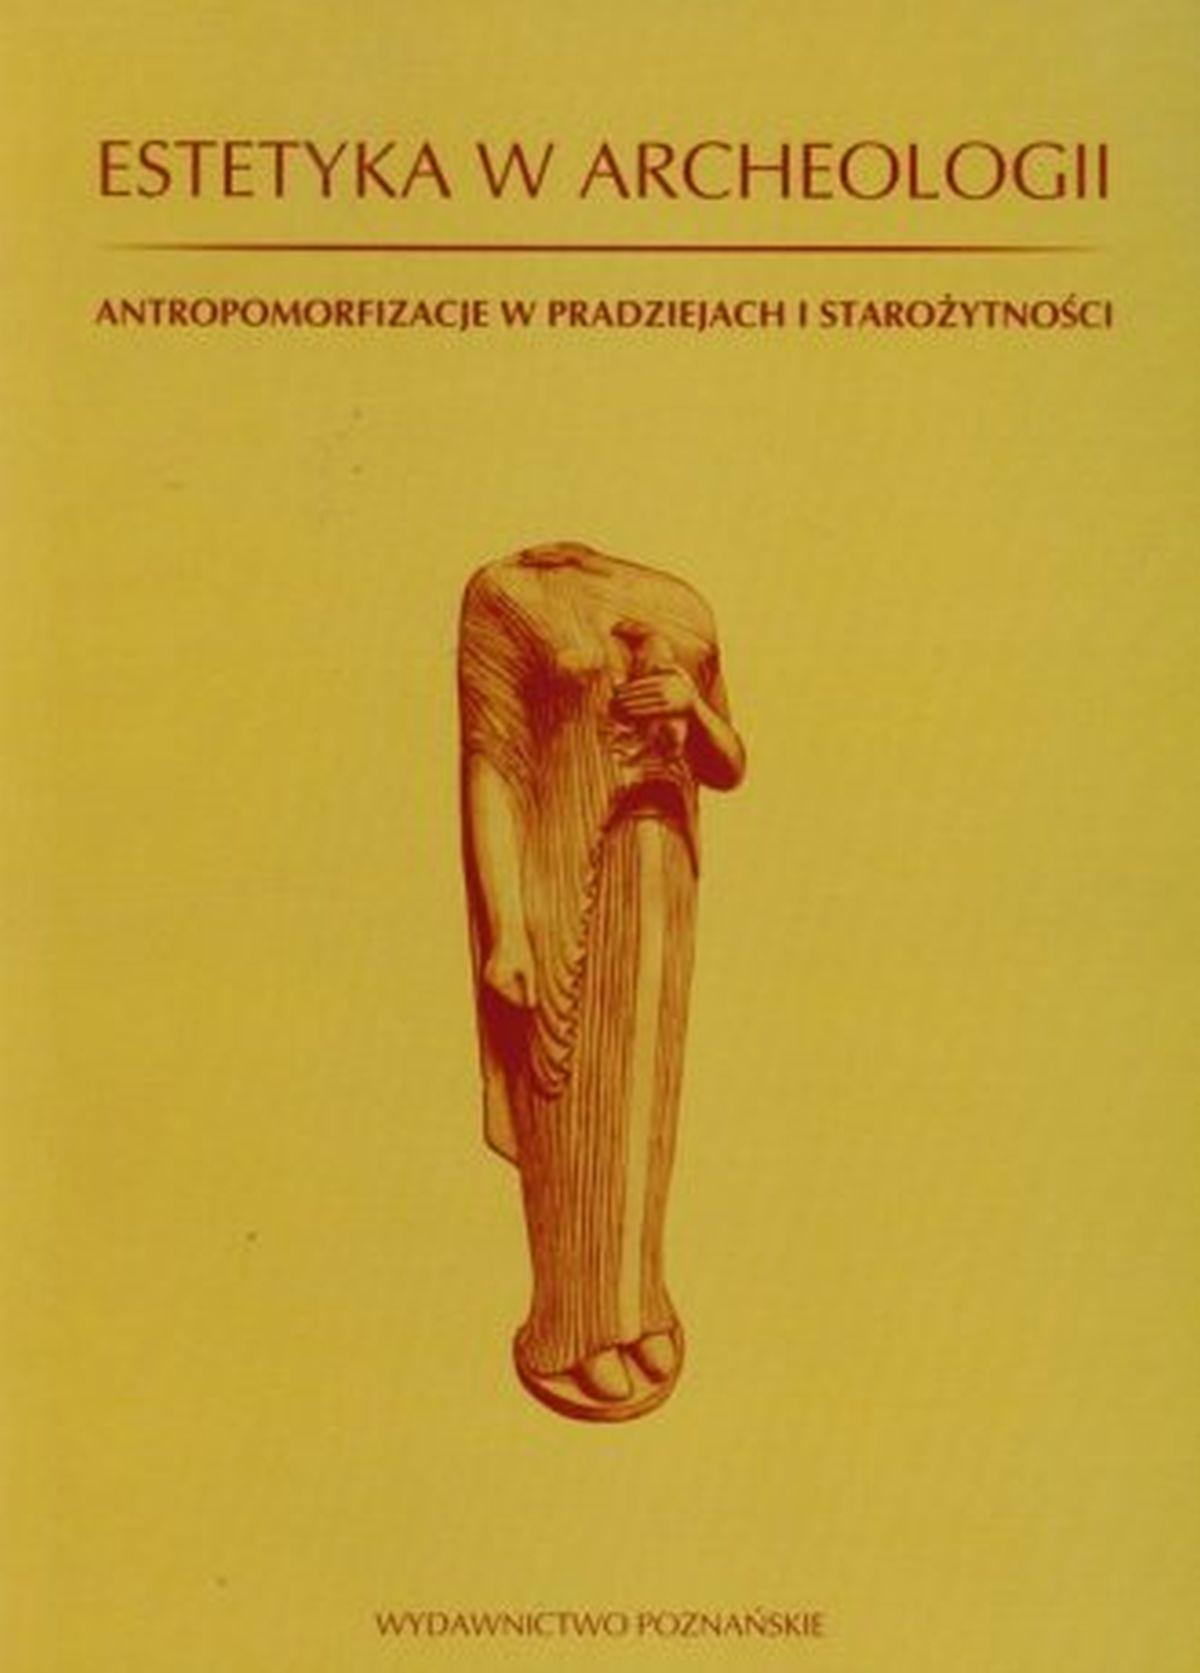 Estetyka w archeologii. Antropomorfizacje w pradziejach i starożytności